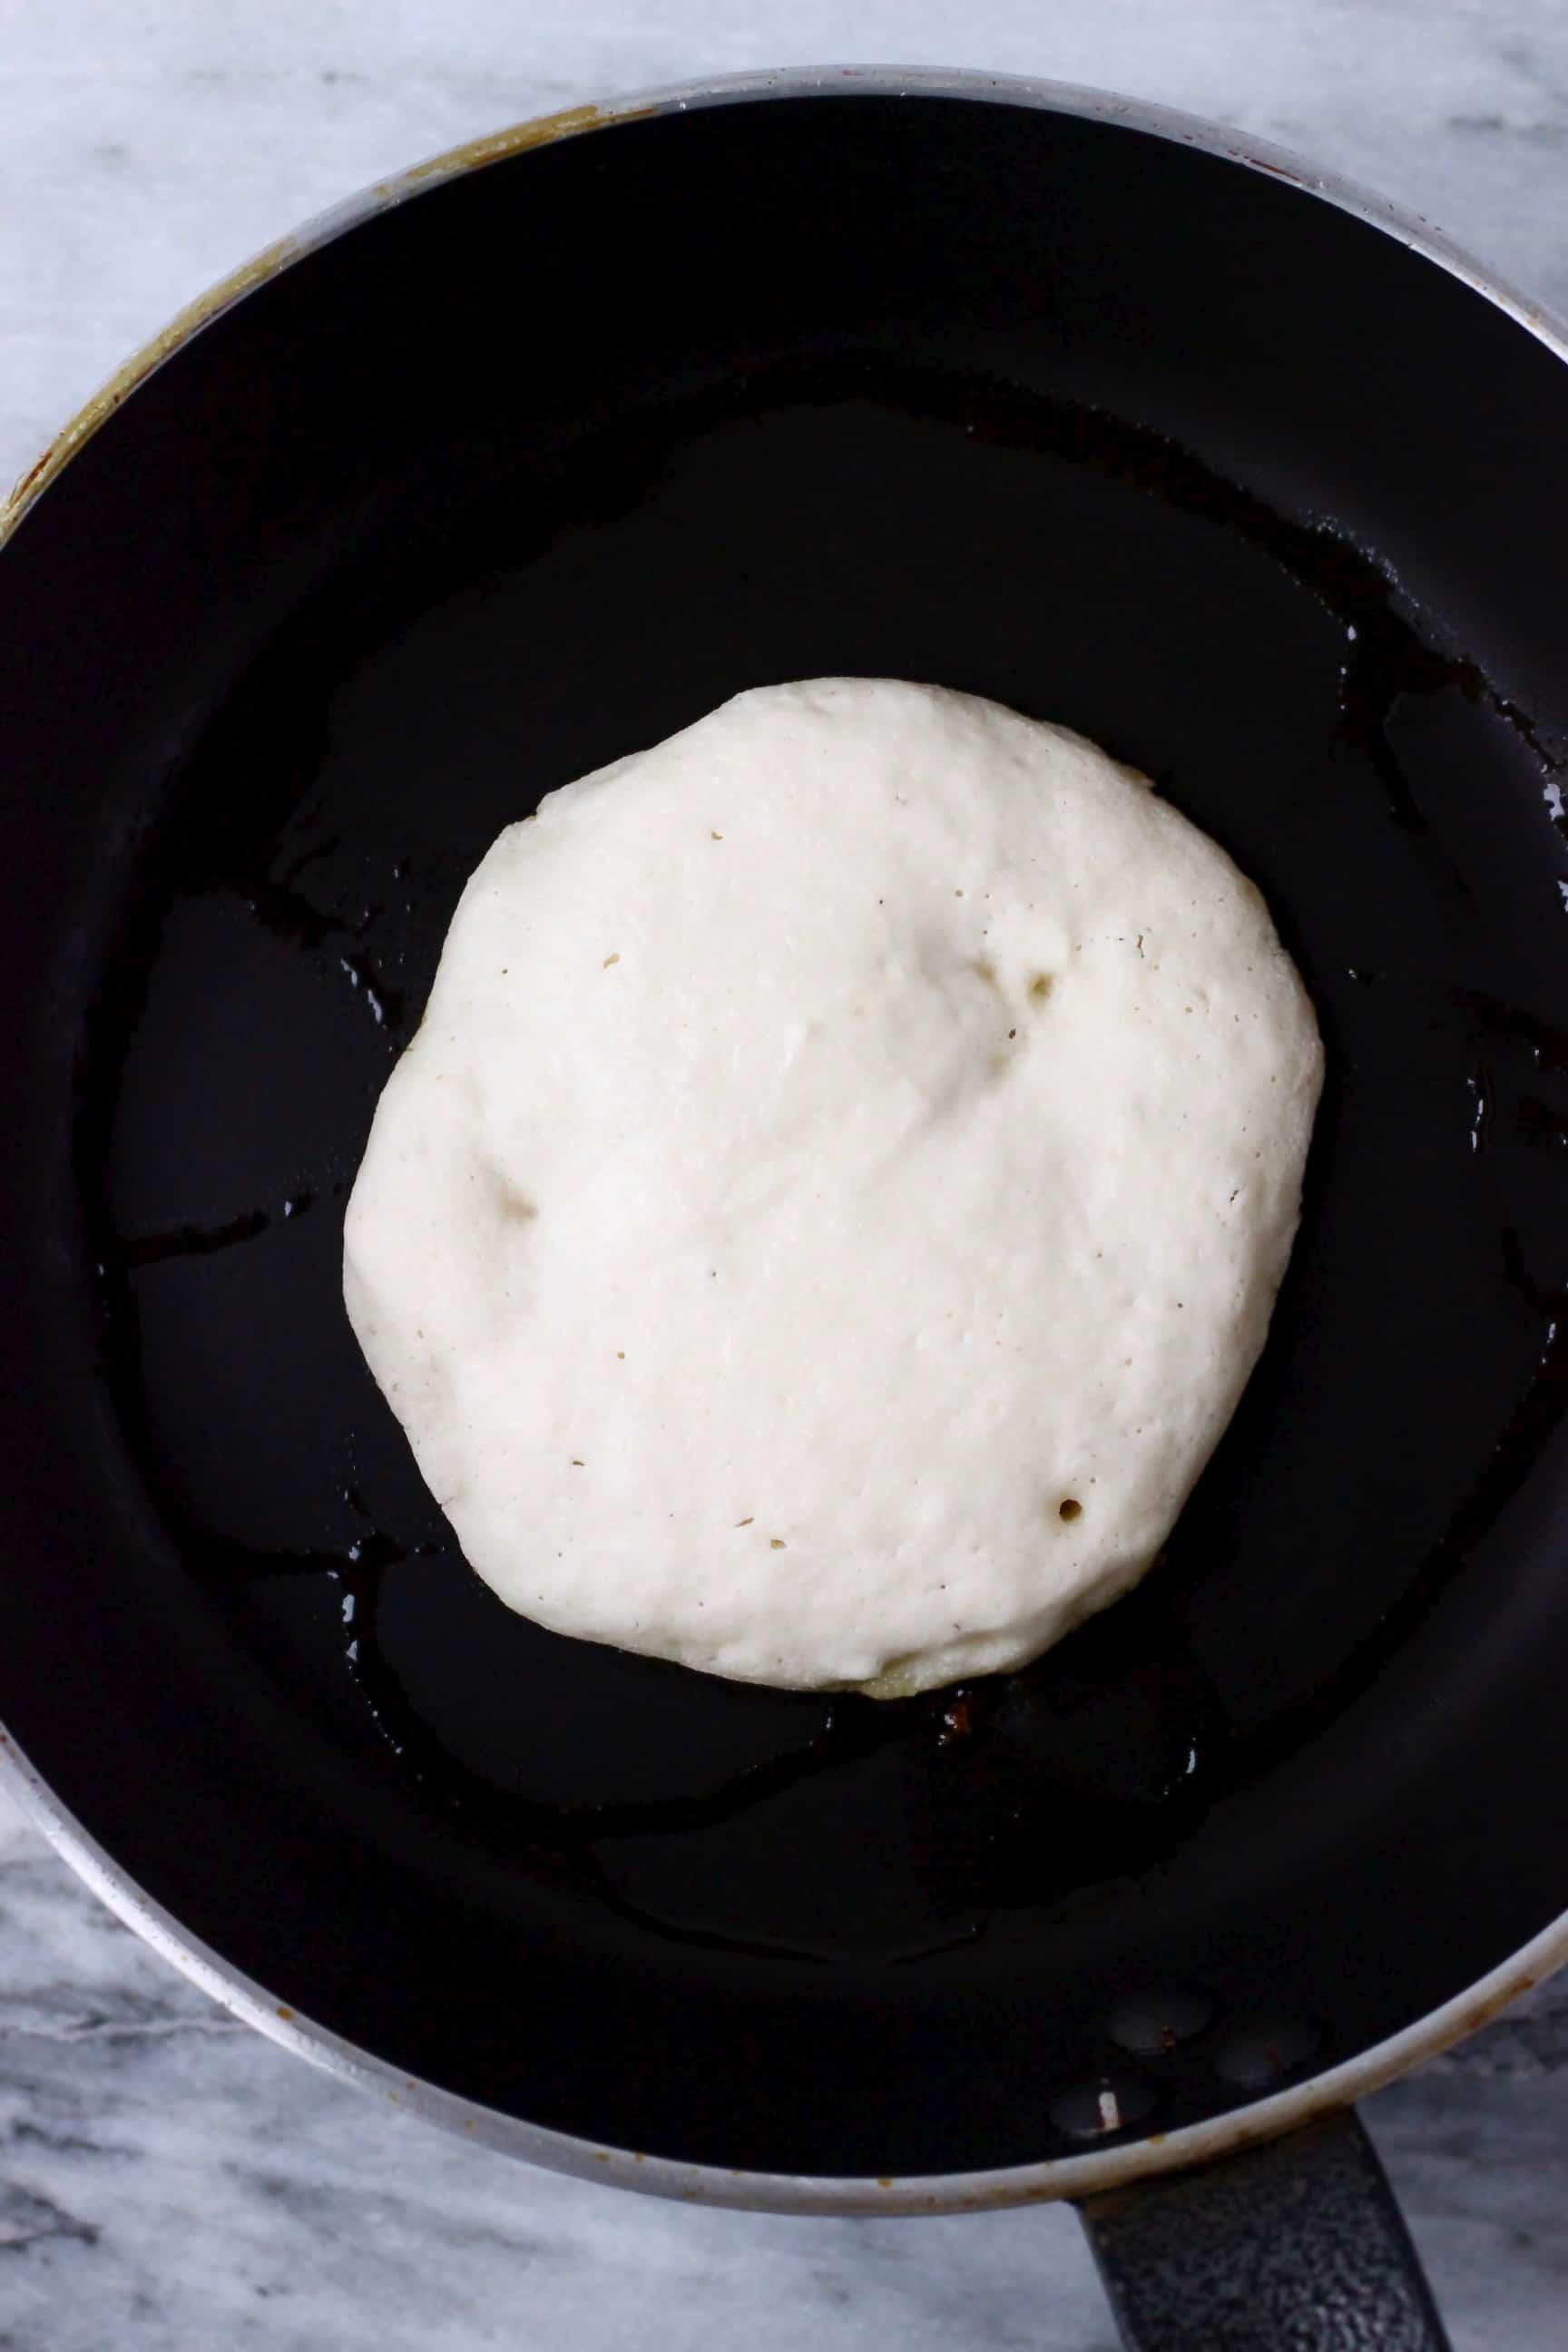 A white gluten-free vegan pancake being cooked in a black frying pan